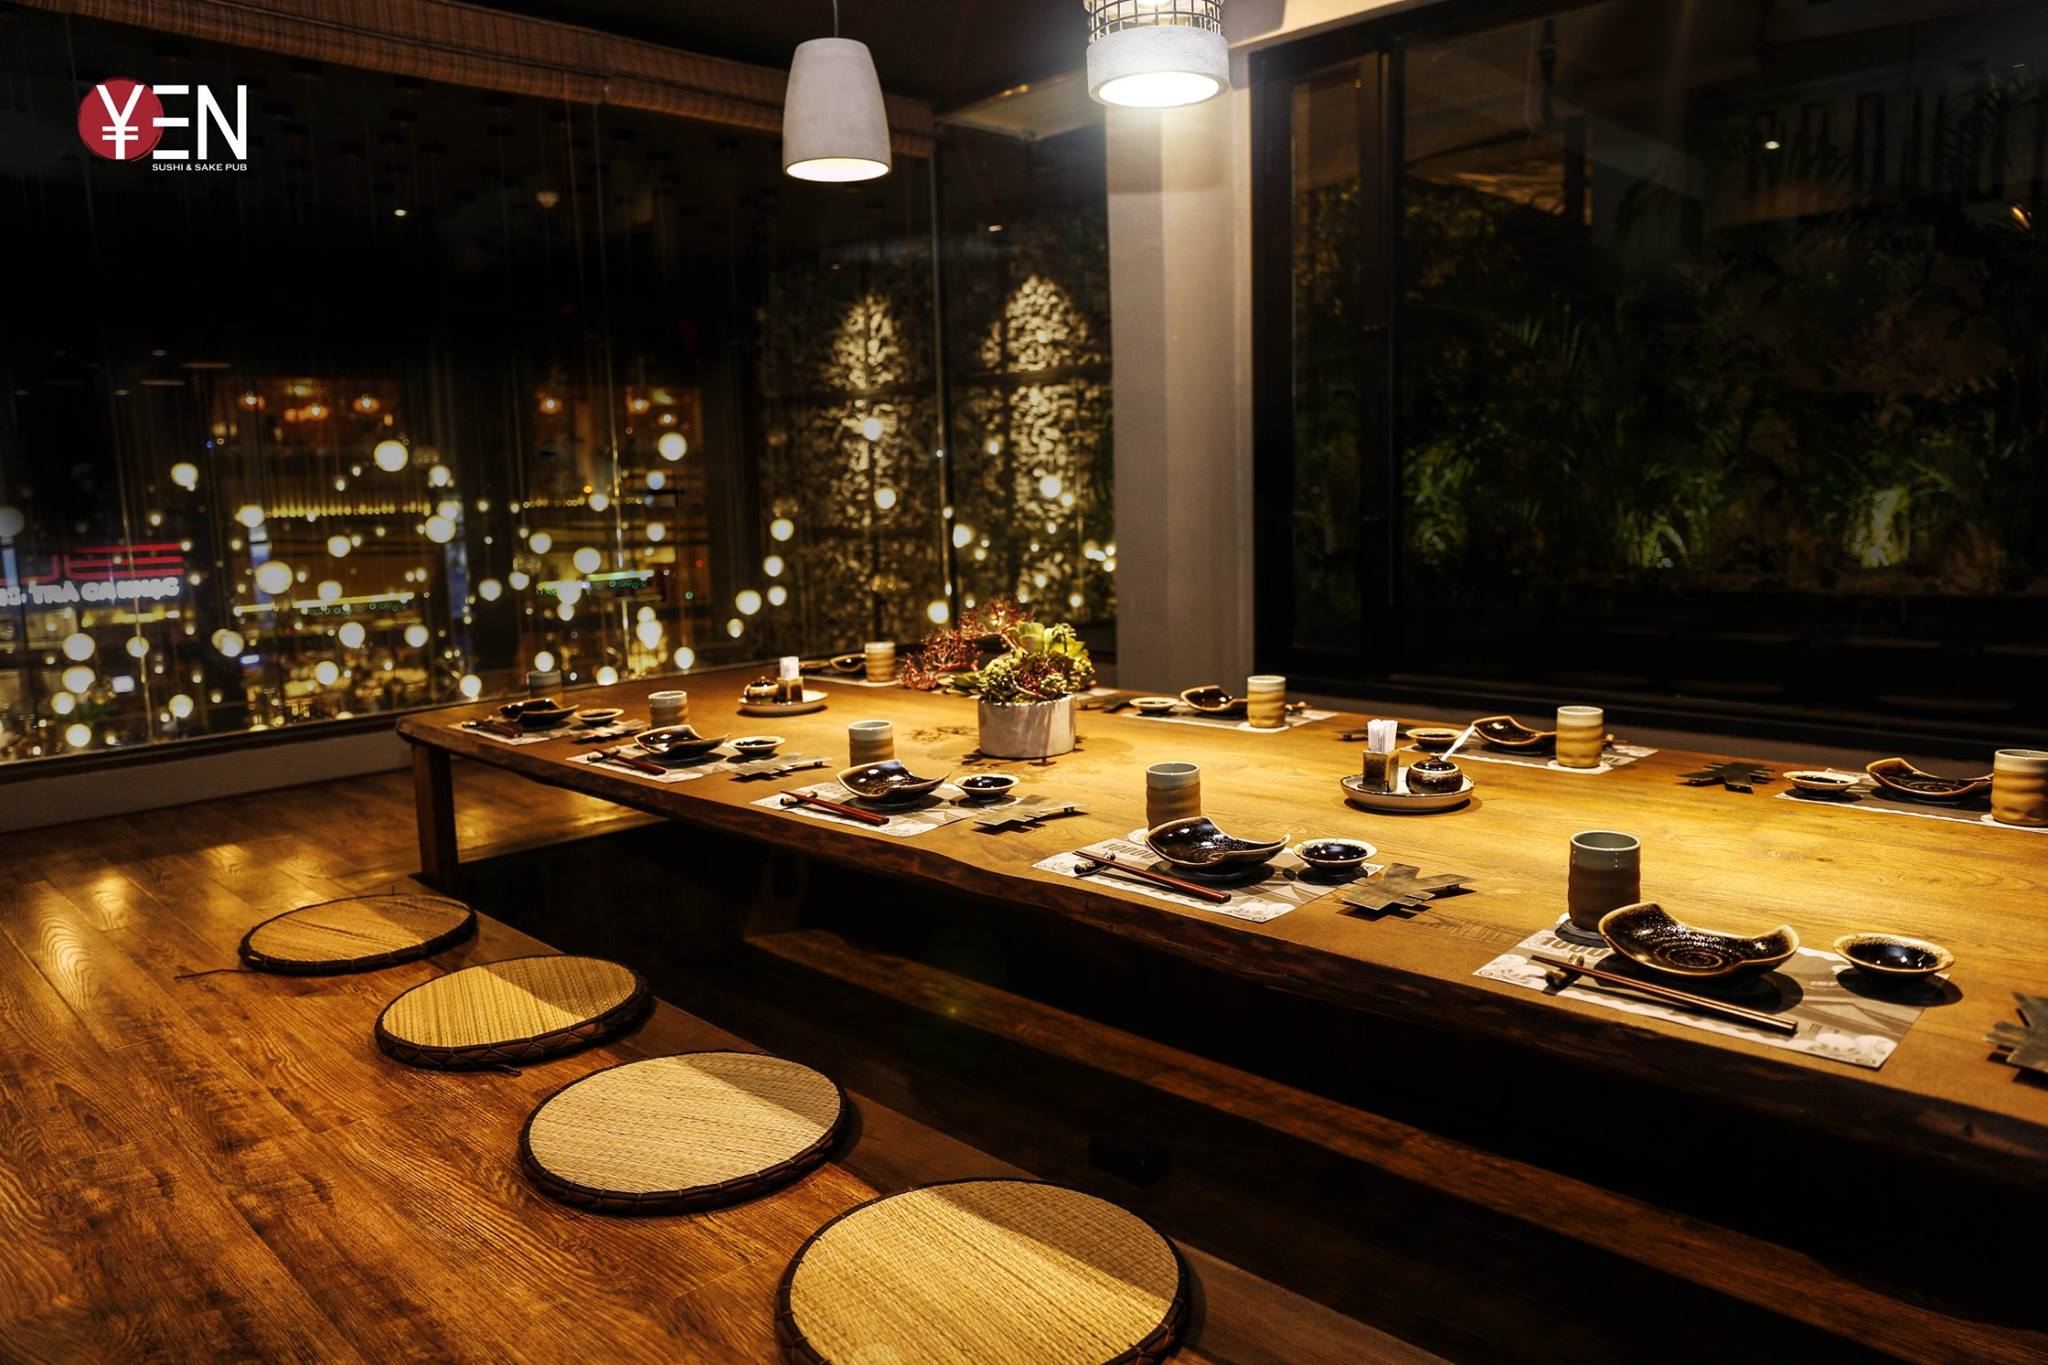 khong gian Yen sushi Le Quy Don